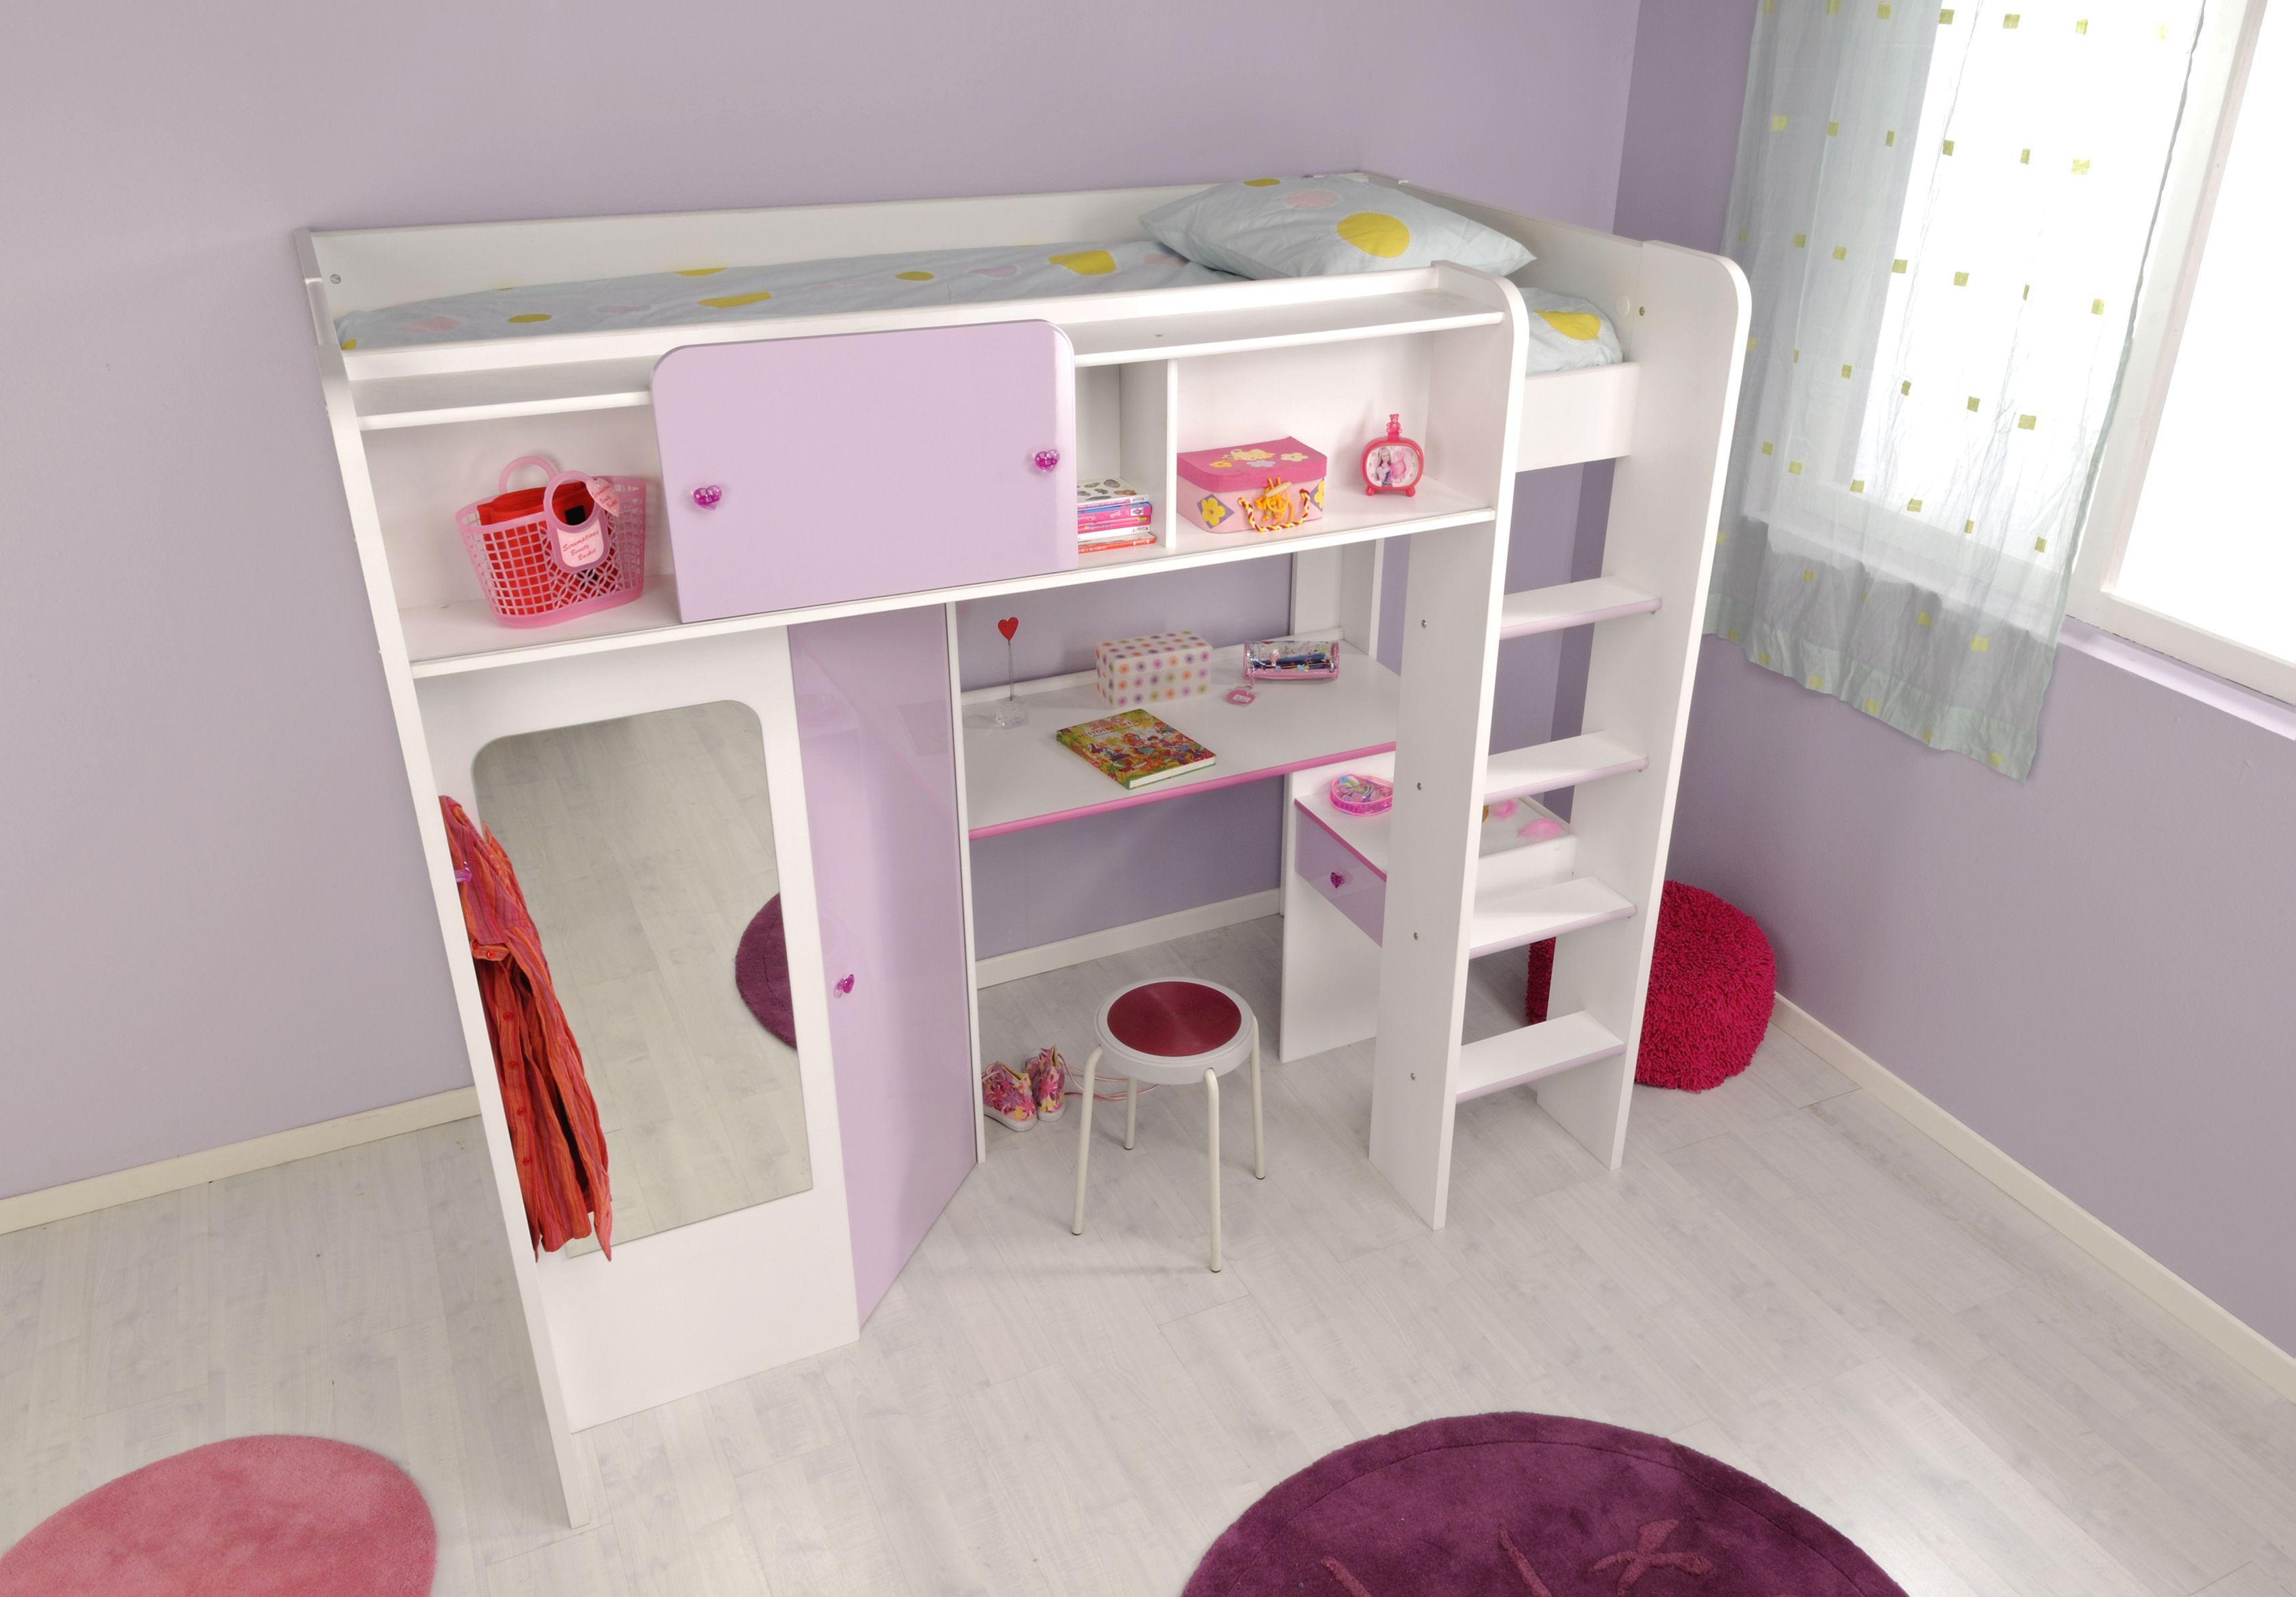 Kinderzimmer Mit Etagenbett : Kinderzimmer mädchenecke hochbett mit kleiderschrank schreibtisch